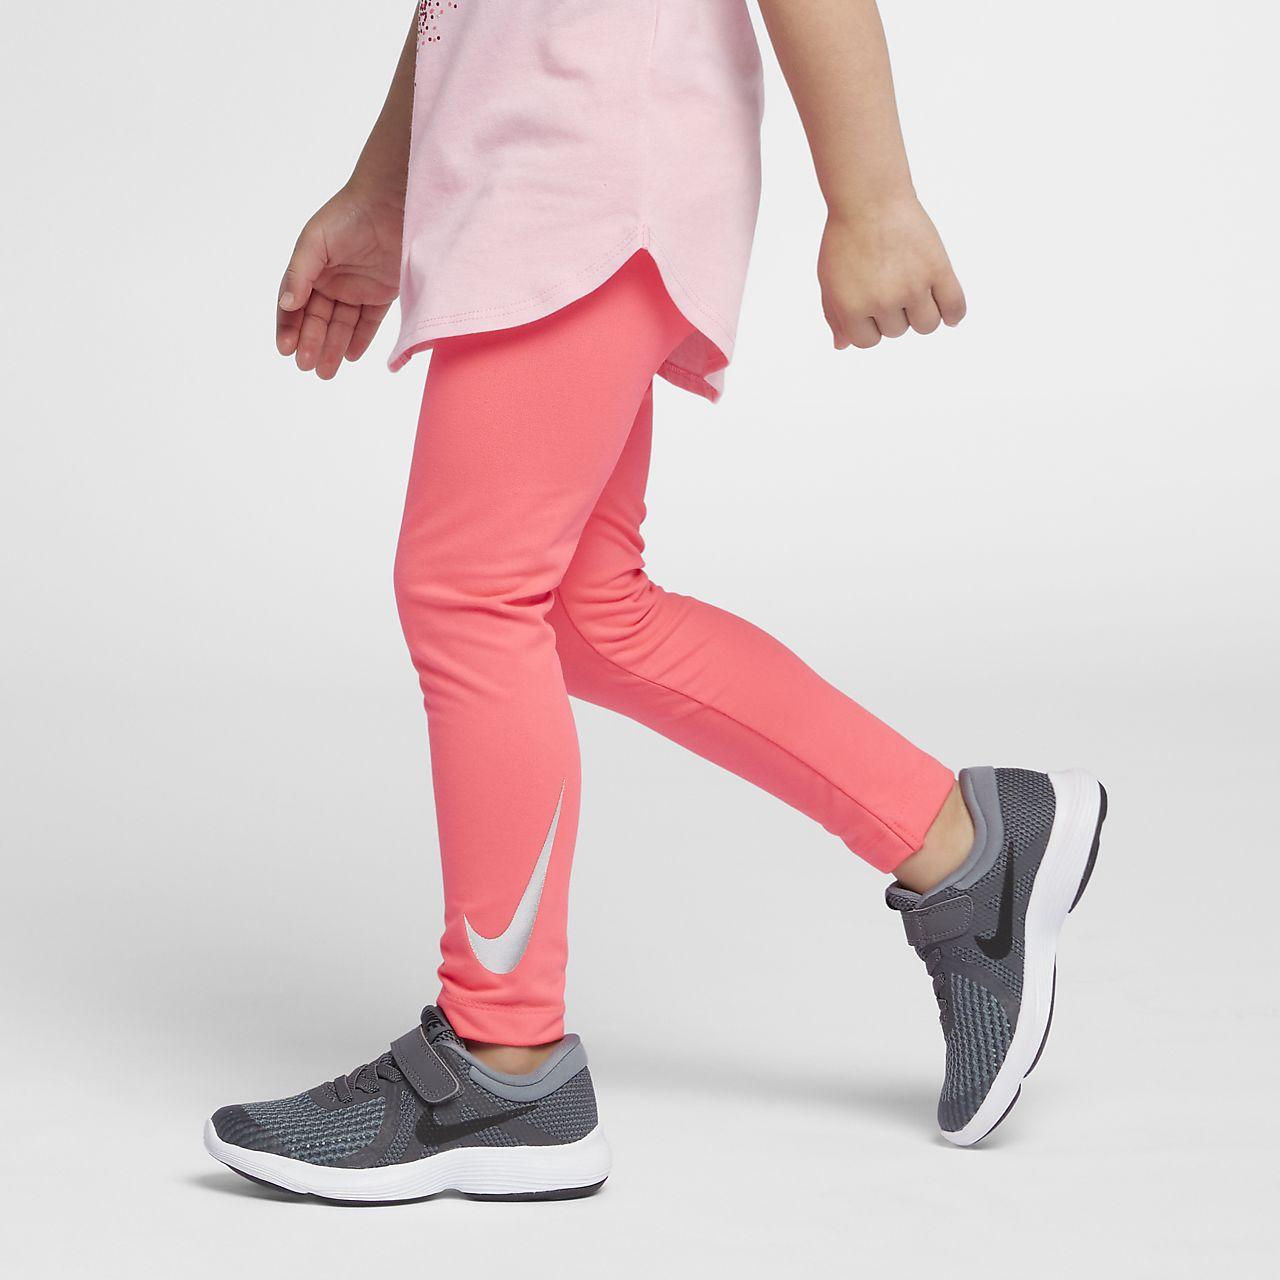 Κοριτσίστικο κολάν Nike Dri-FIT για βρέφη και νήπια